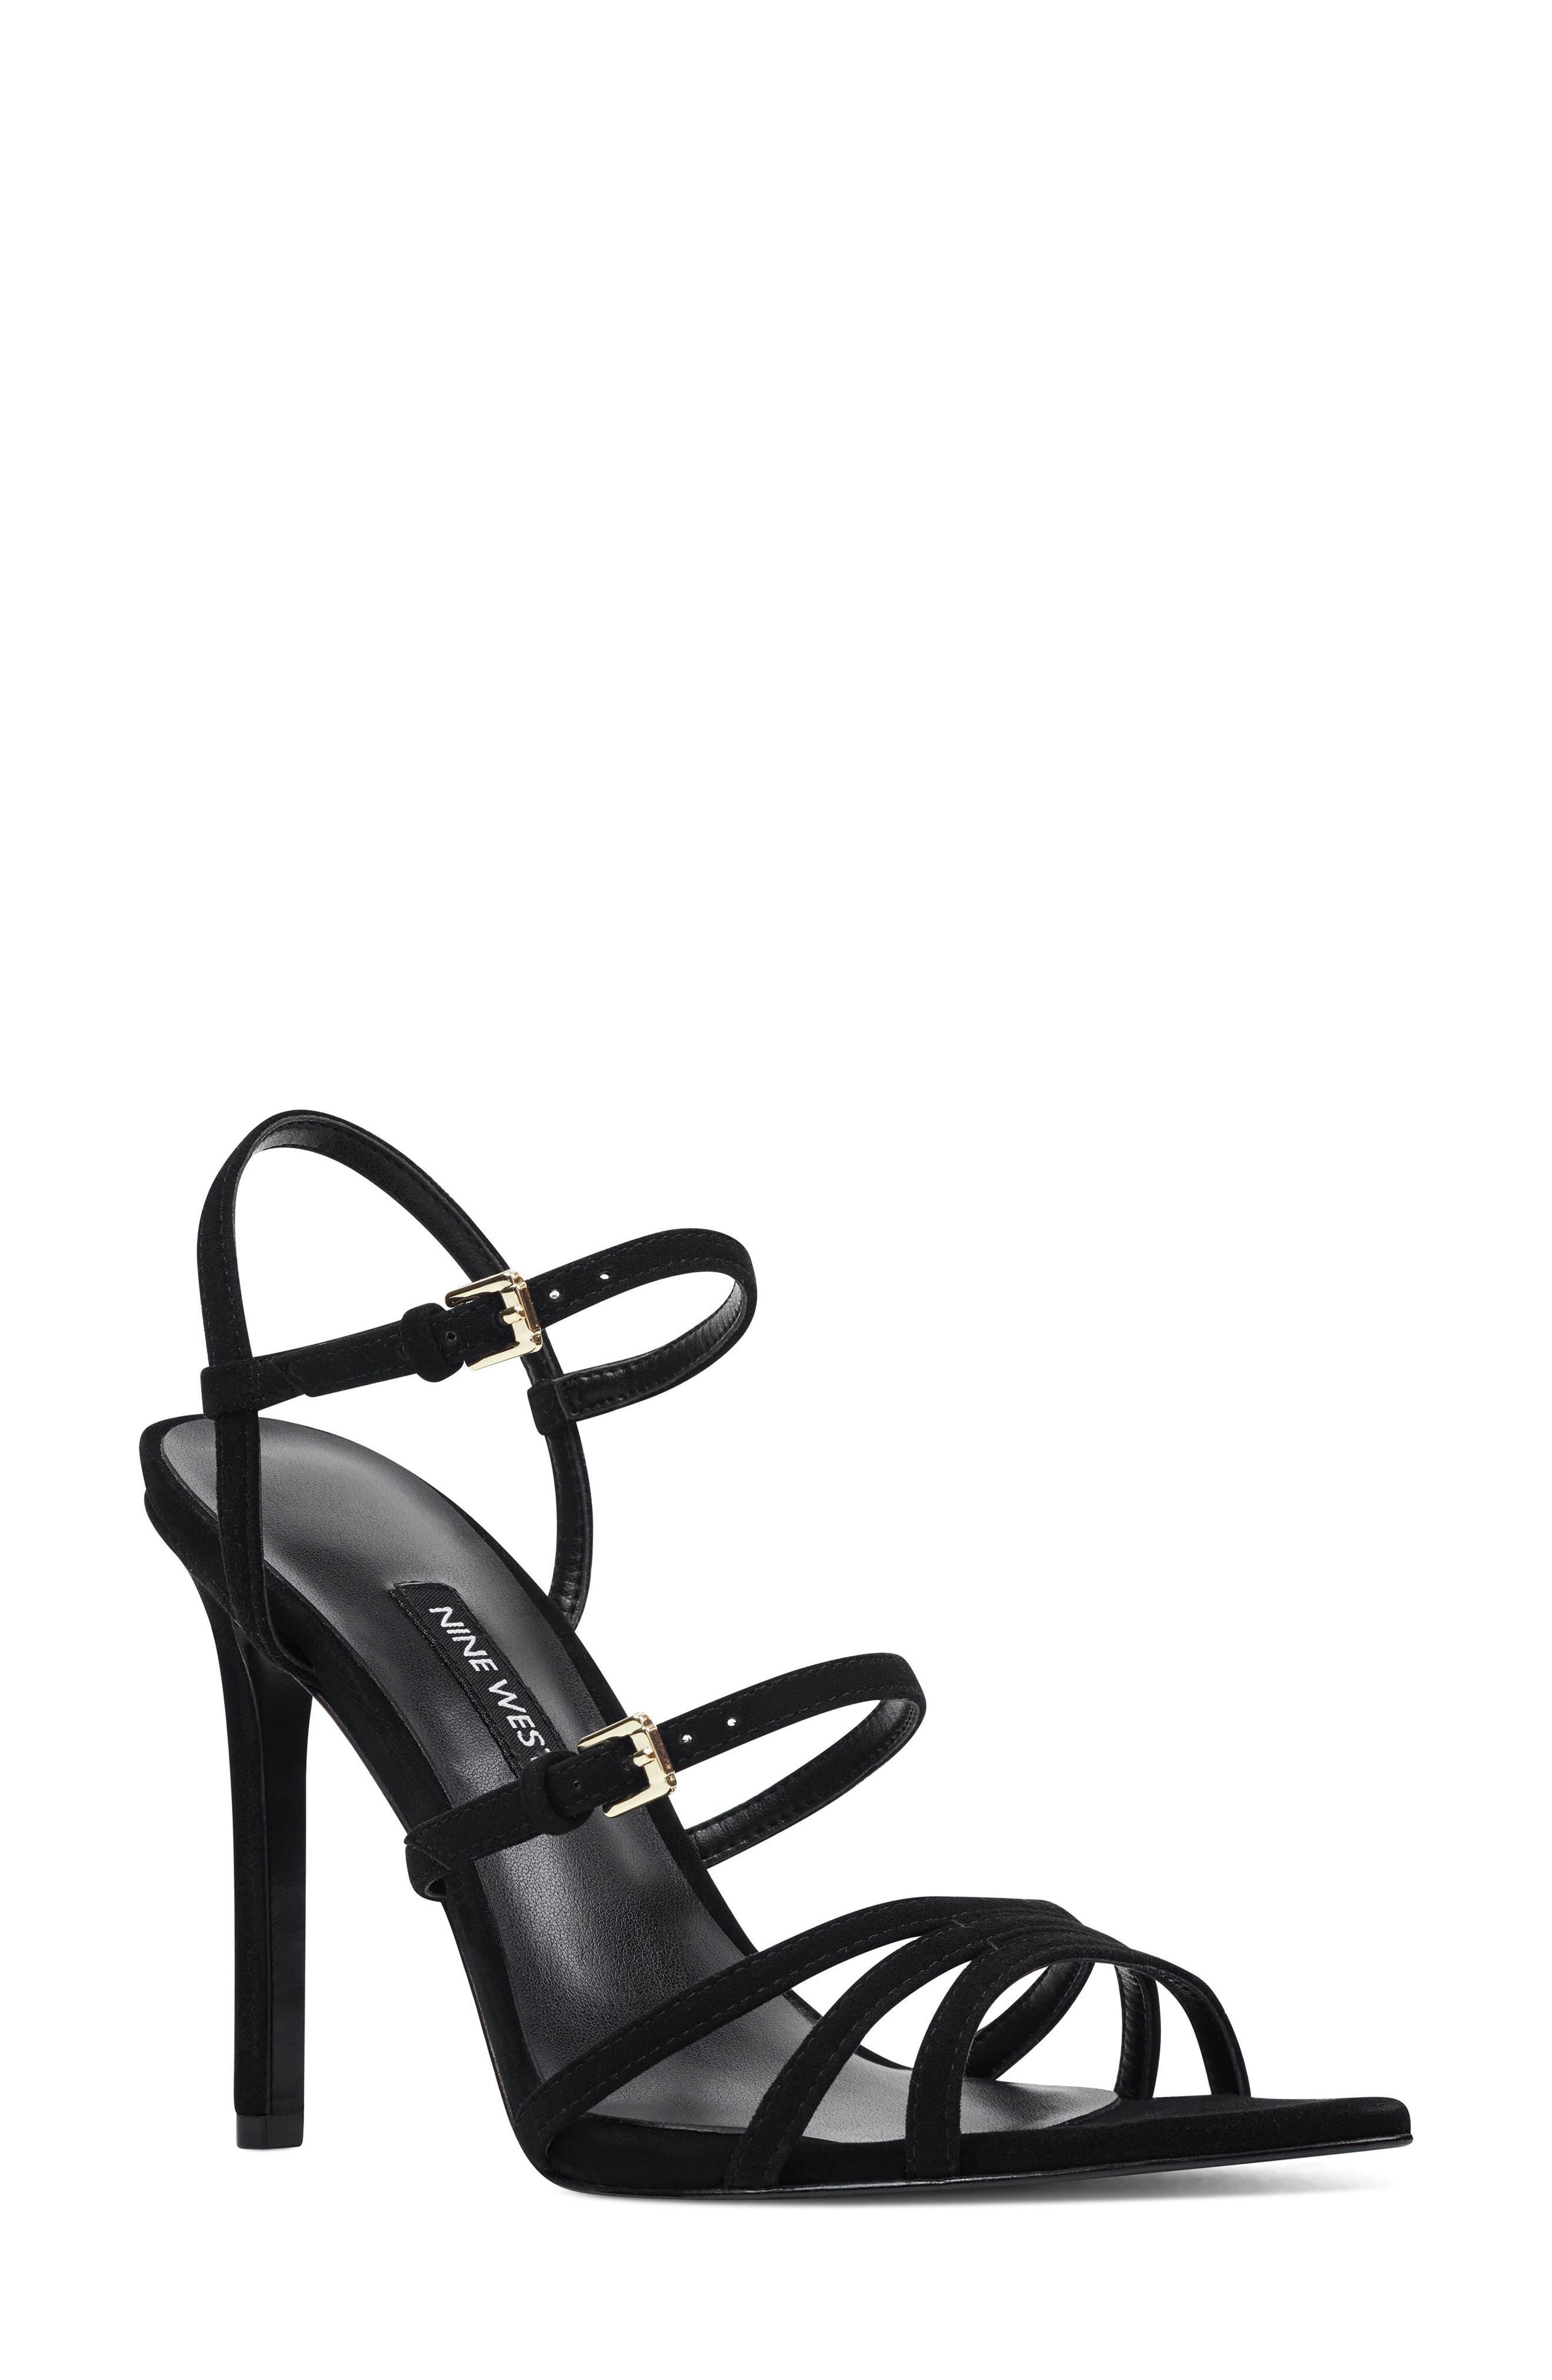 b00086127c39 Nine West Gilficco Strappy Sandal